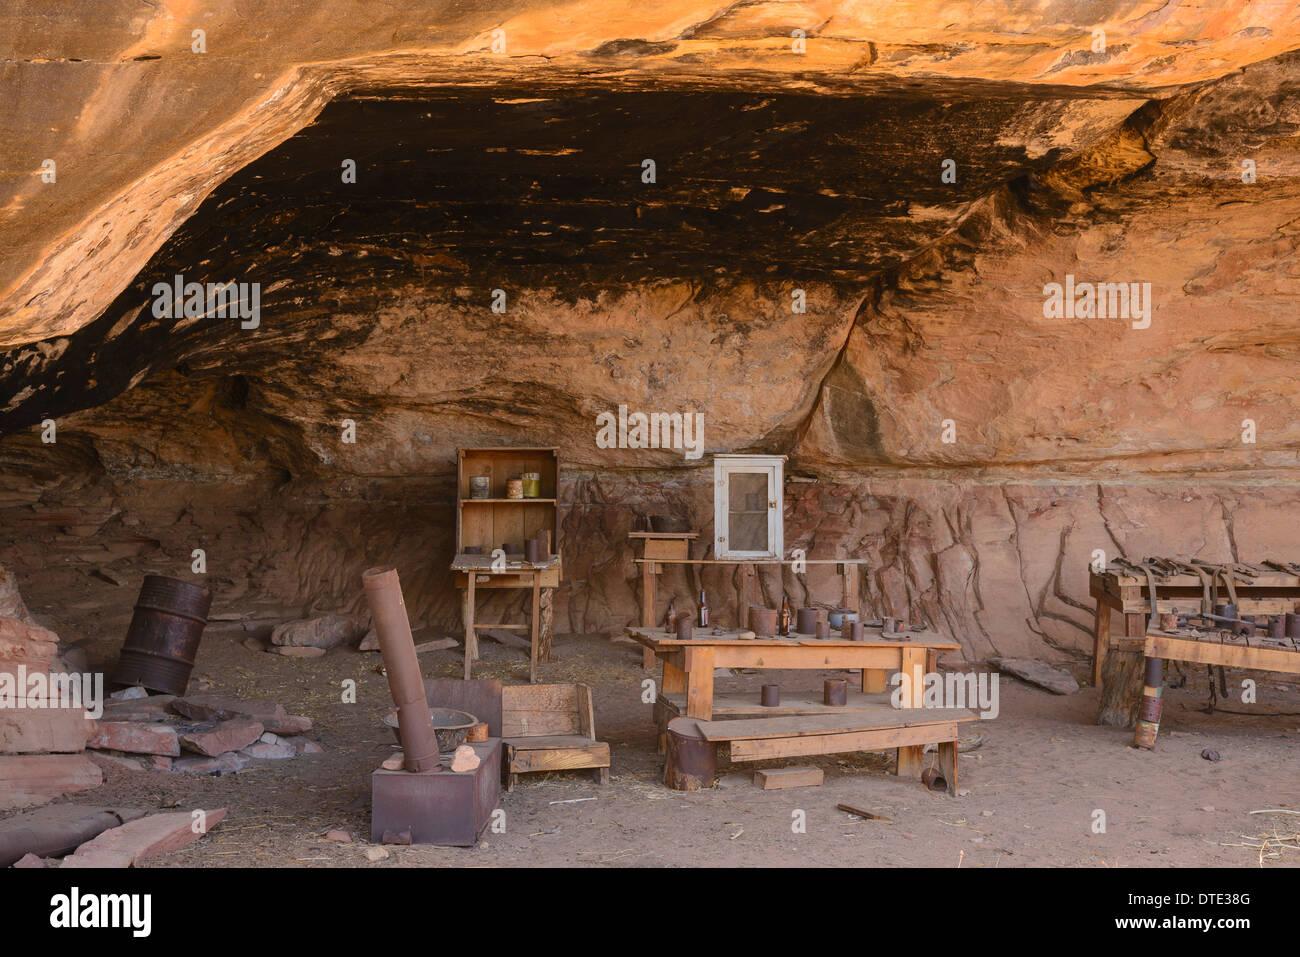 Reste einer alten Cowboy Camp nahe Höhle Springs, The Needles Sektion des Canyonlands National Park, Utah, USA Stockbild